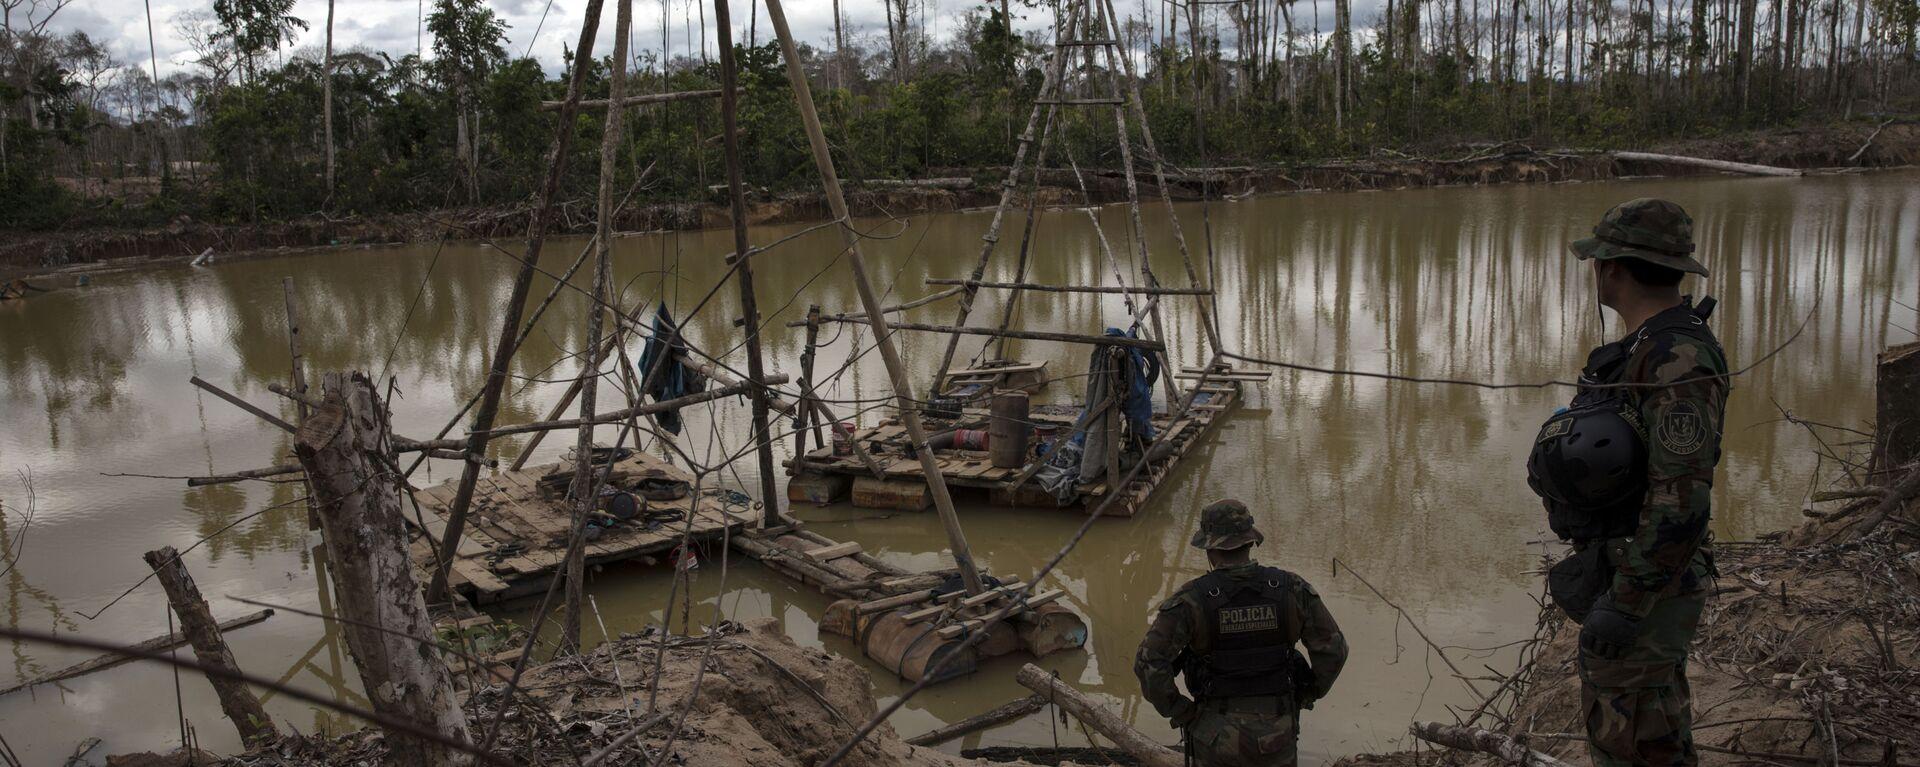 El agua contaminada cerca de la minería de oro en Perú - Sputnik Mundo, 1920, 02.10.2020